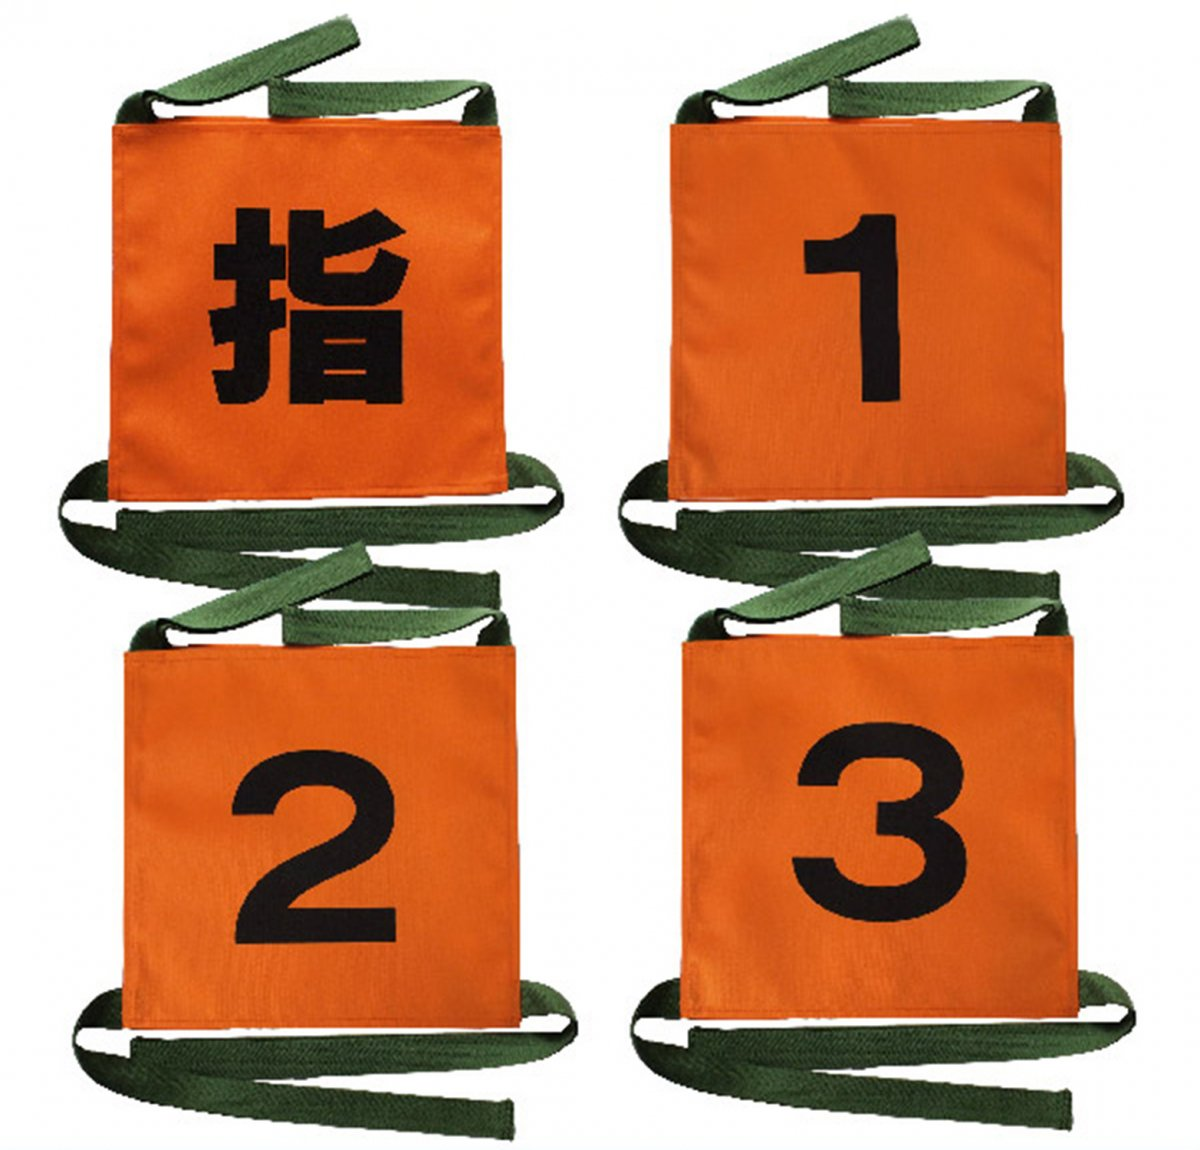 操法用ゼッケン 4枚セット【指・1・2・3】オレンジ (ポンプ車/小型ポンプ)